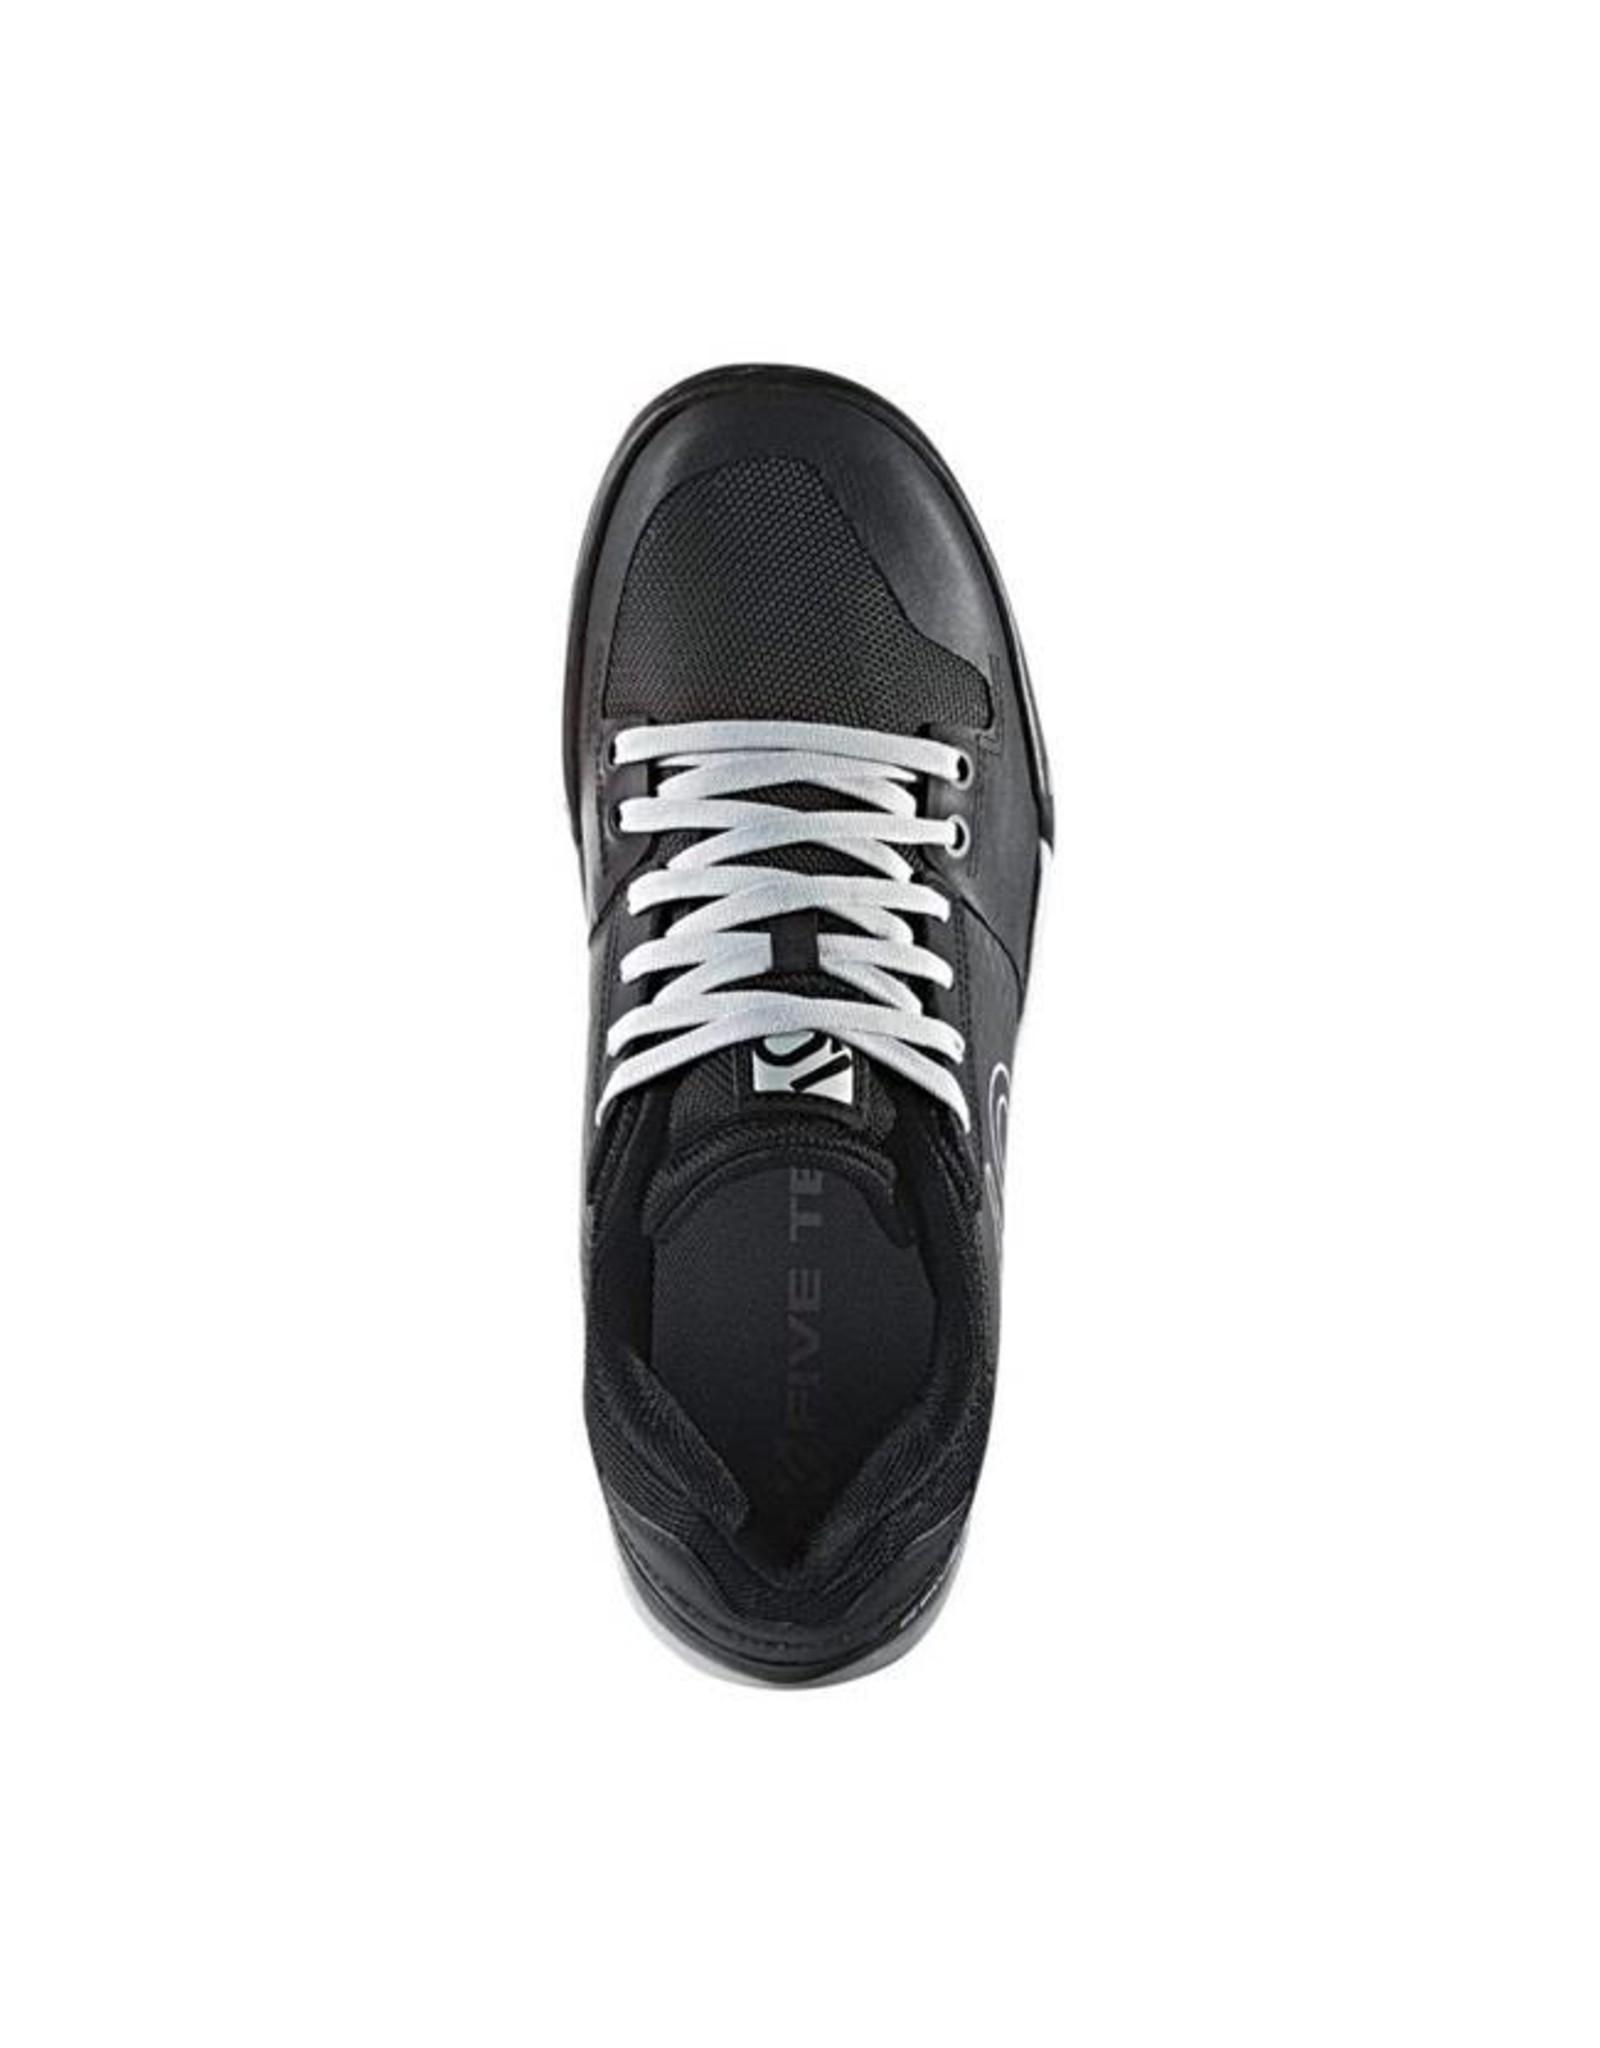 Five Ten Five Ten Freerider Contact Men's Flat Pedal Shoe: Split Black 14